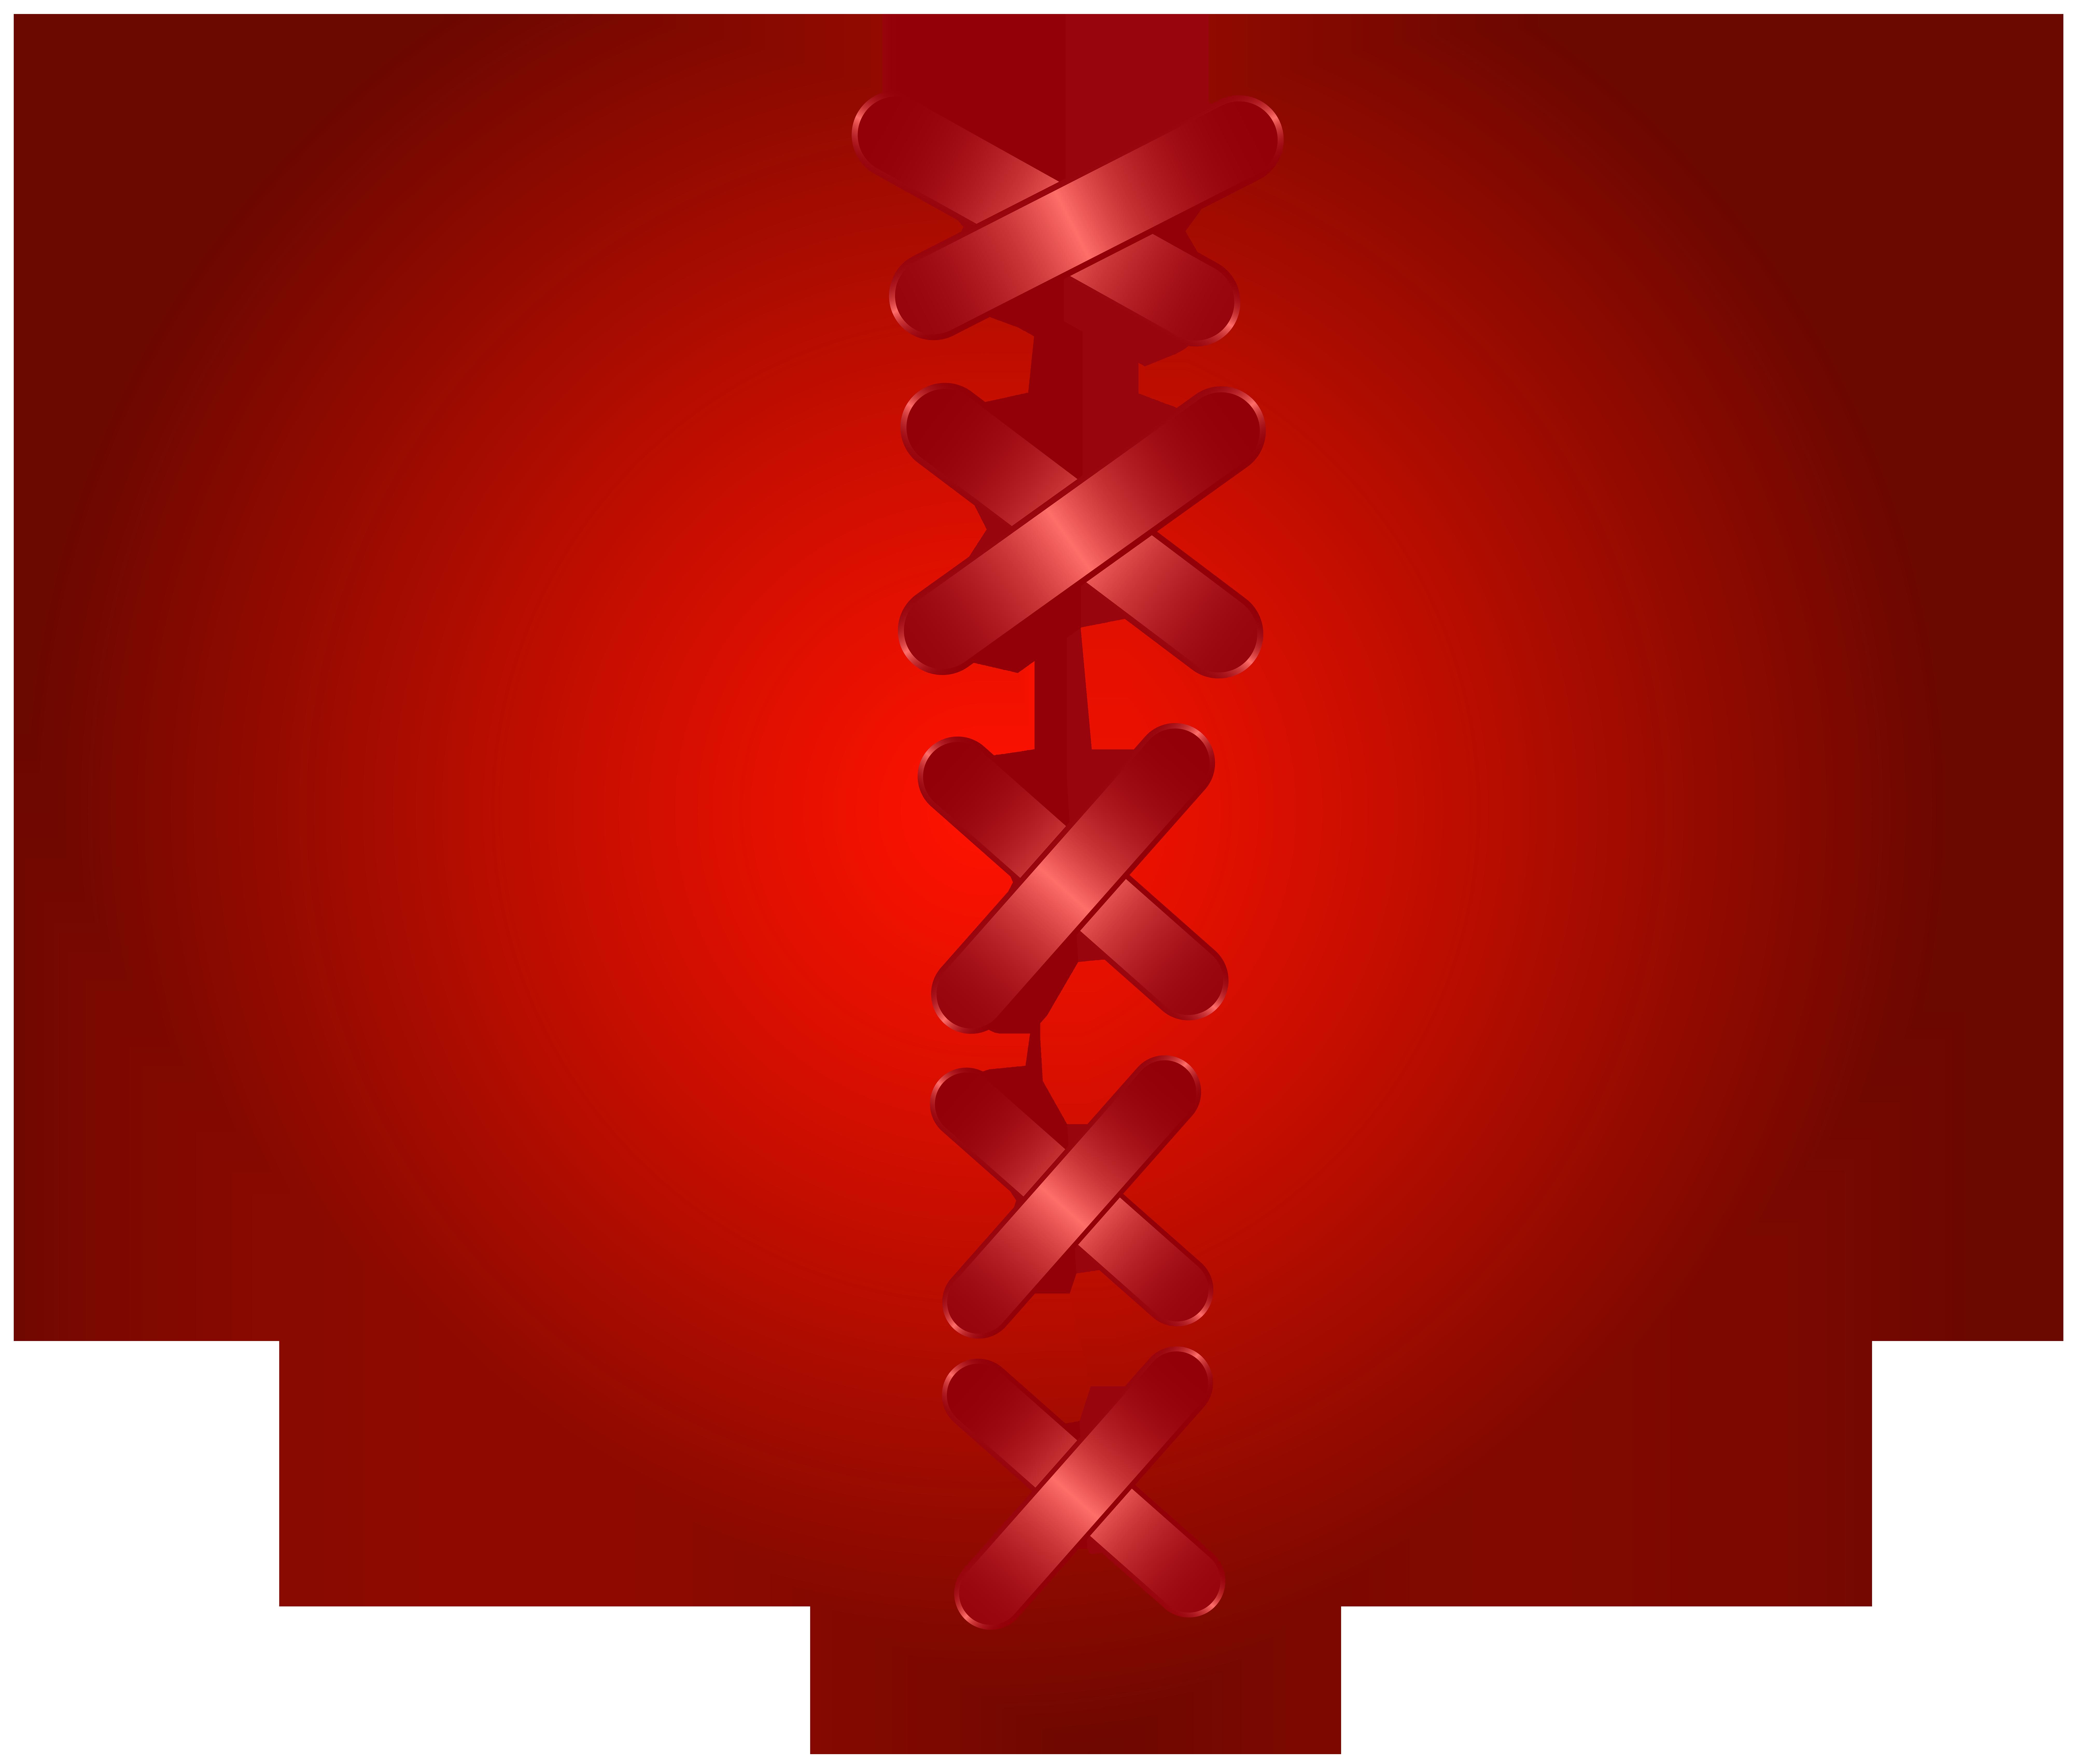 8000x6806 Sewn Broken Heart Transparent Clip Art Imageu200b Gallery